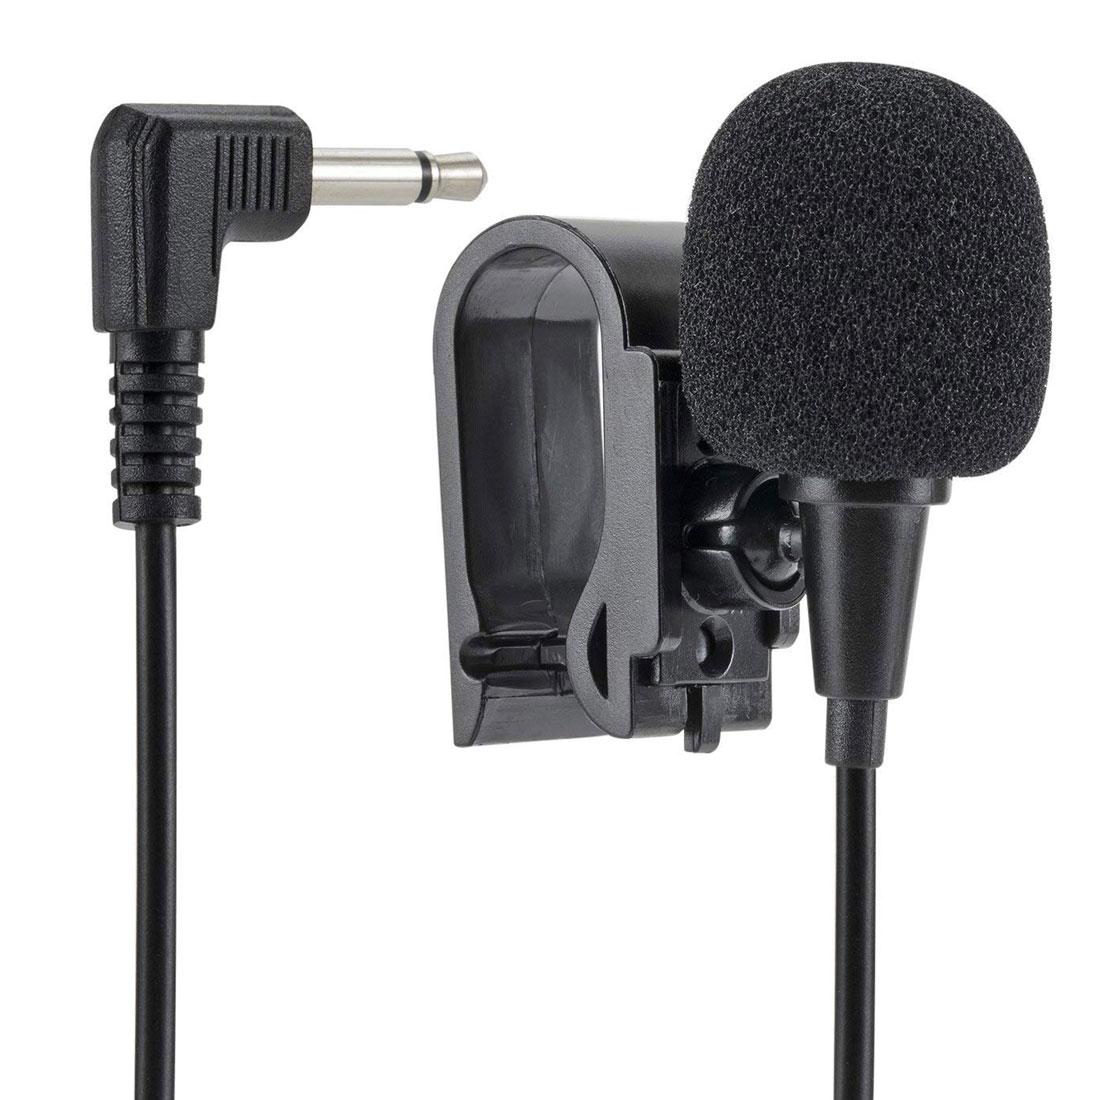 Bluetooth Внешний микрофон для автомобиля 2,5 мм/3,5 мм Автомобильный Аудио Микрофон стереосистемы радио автомобильный внешний микрофон автомоби...